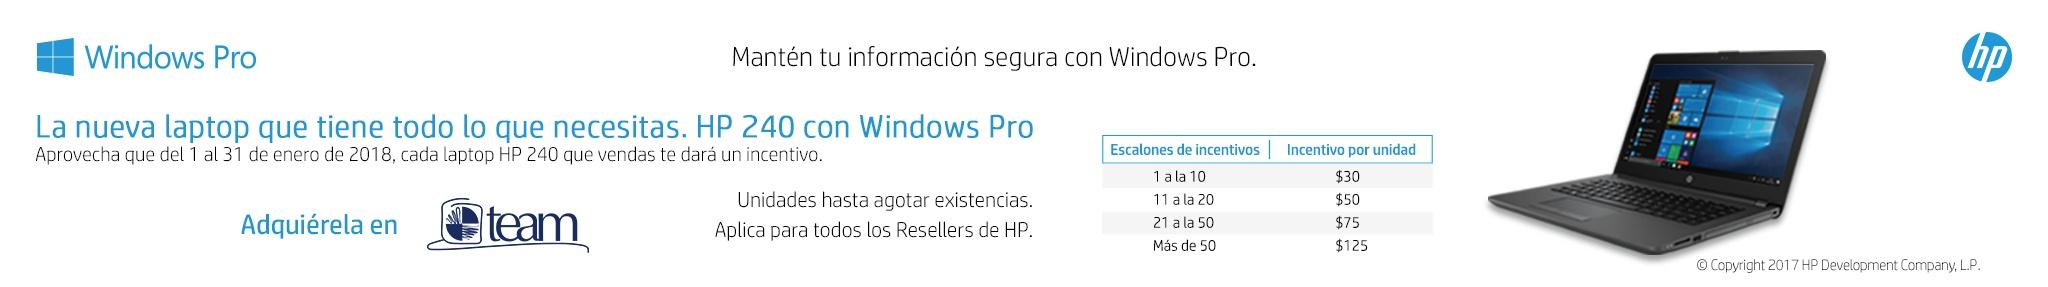 HP Inc.jpg